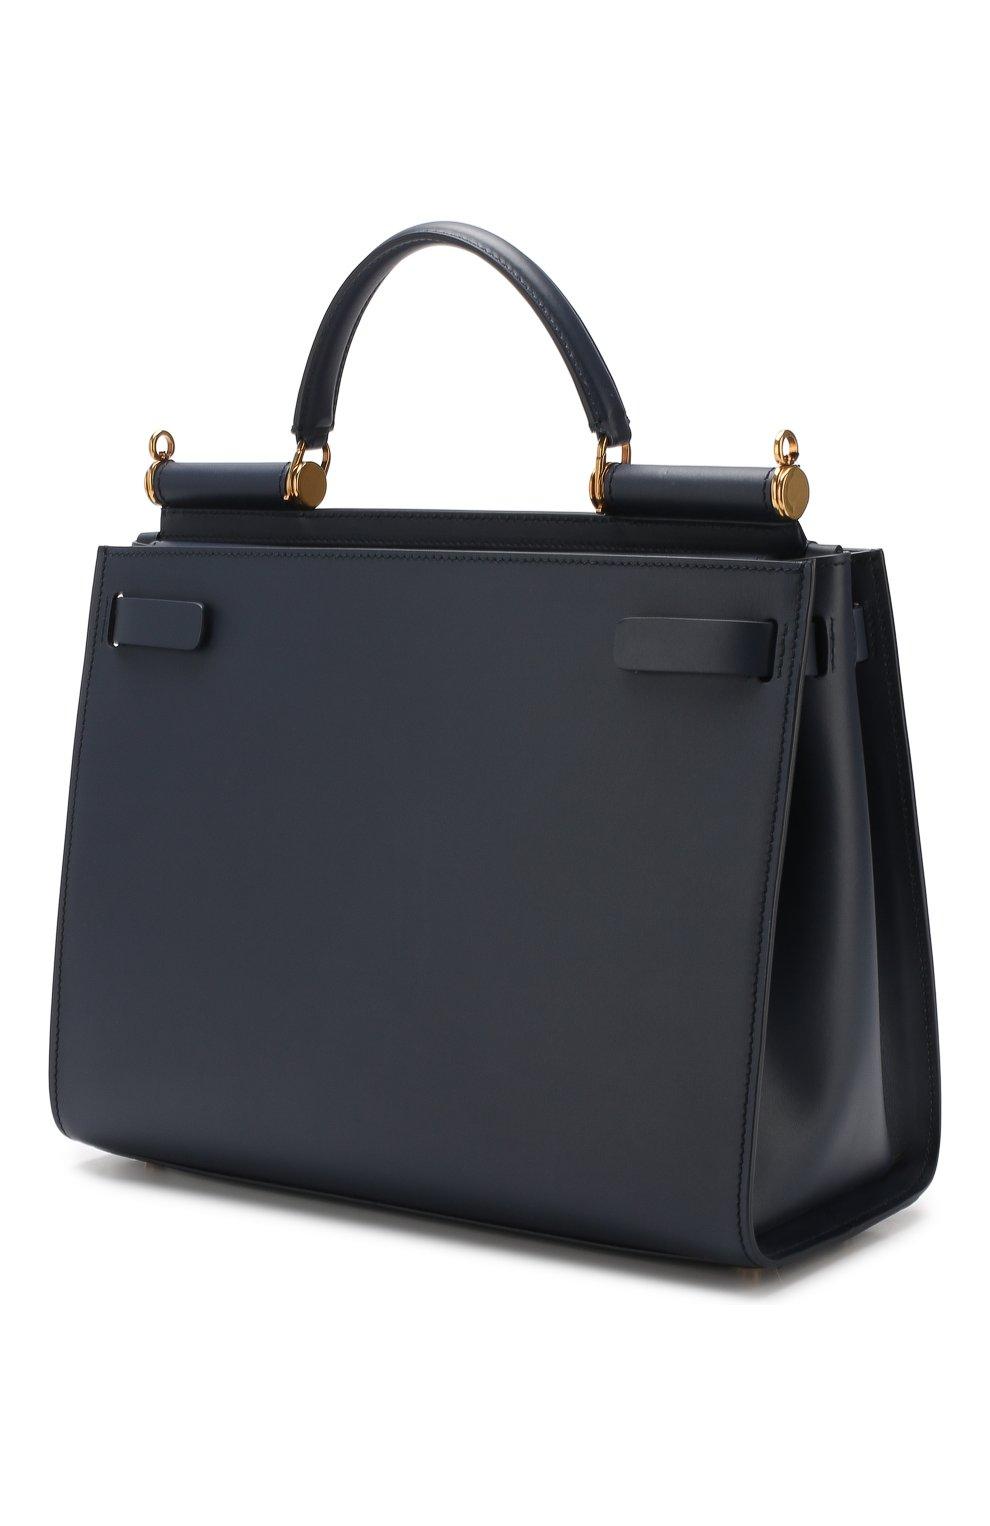 3ec41d0c450d Сумки Dolce & Gabbana по цене от 19 700 руб. купить в интернет-магазине ЦУМ